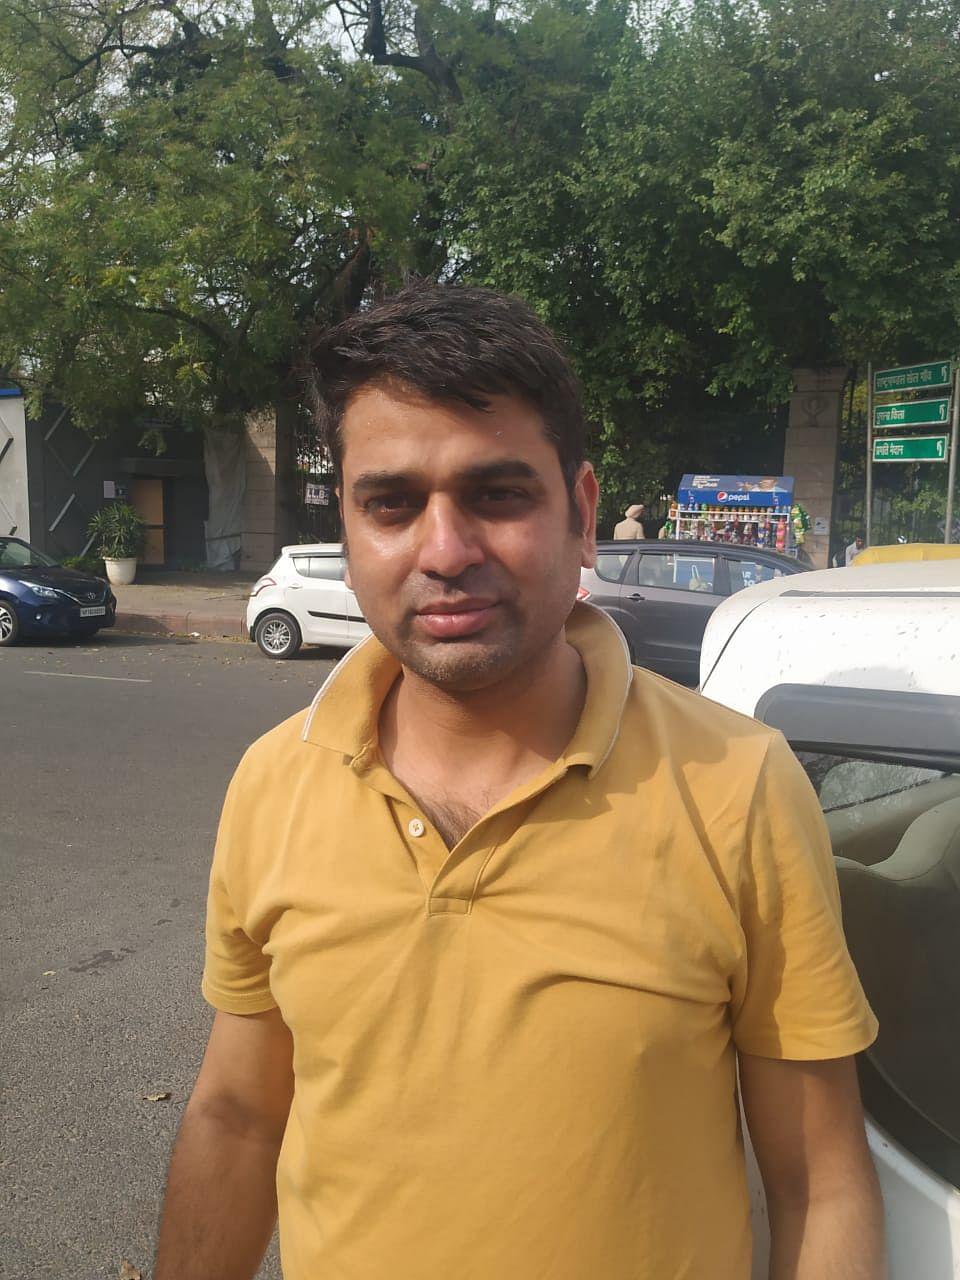 ड्रग्स रैकेट का सरगना लंदन से लाया गया दिल्ली, प्रत्यर्पण में लगे दो साल